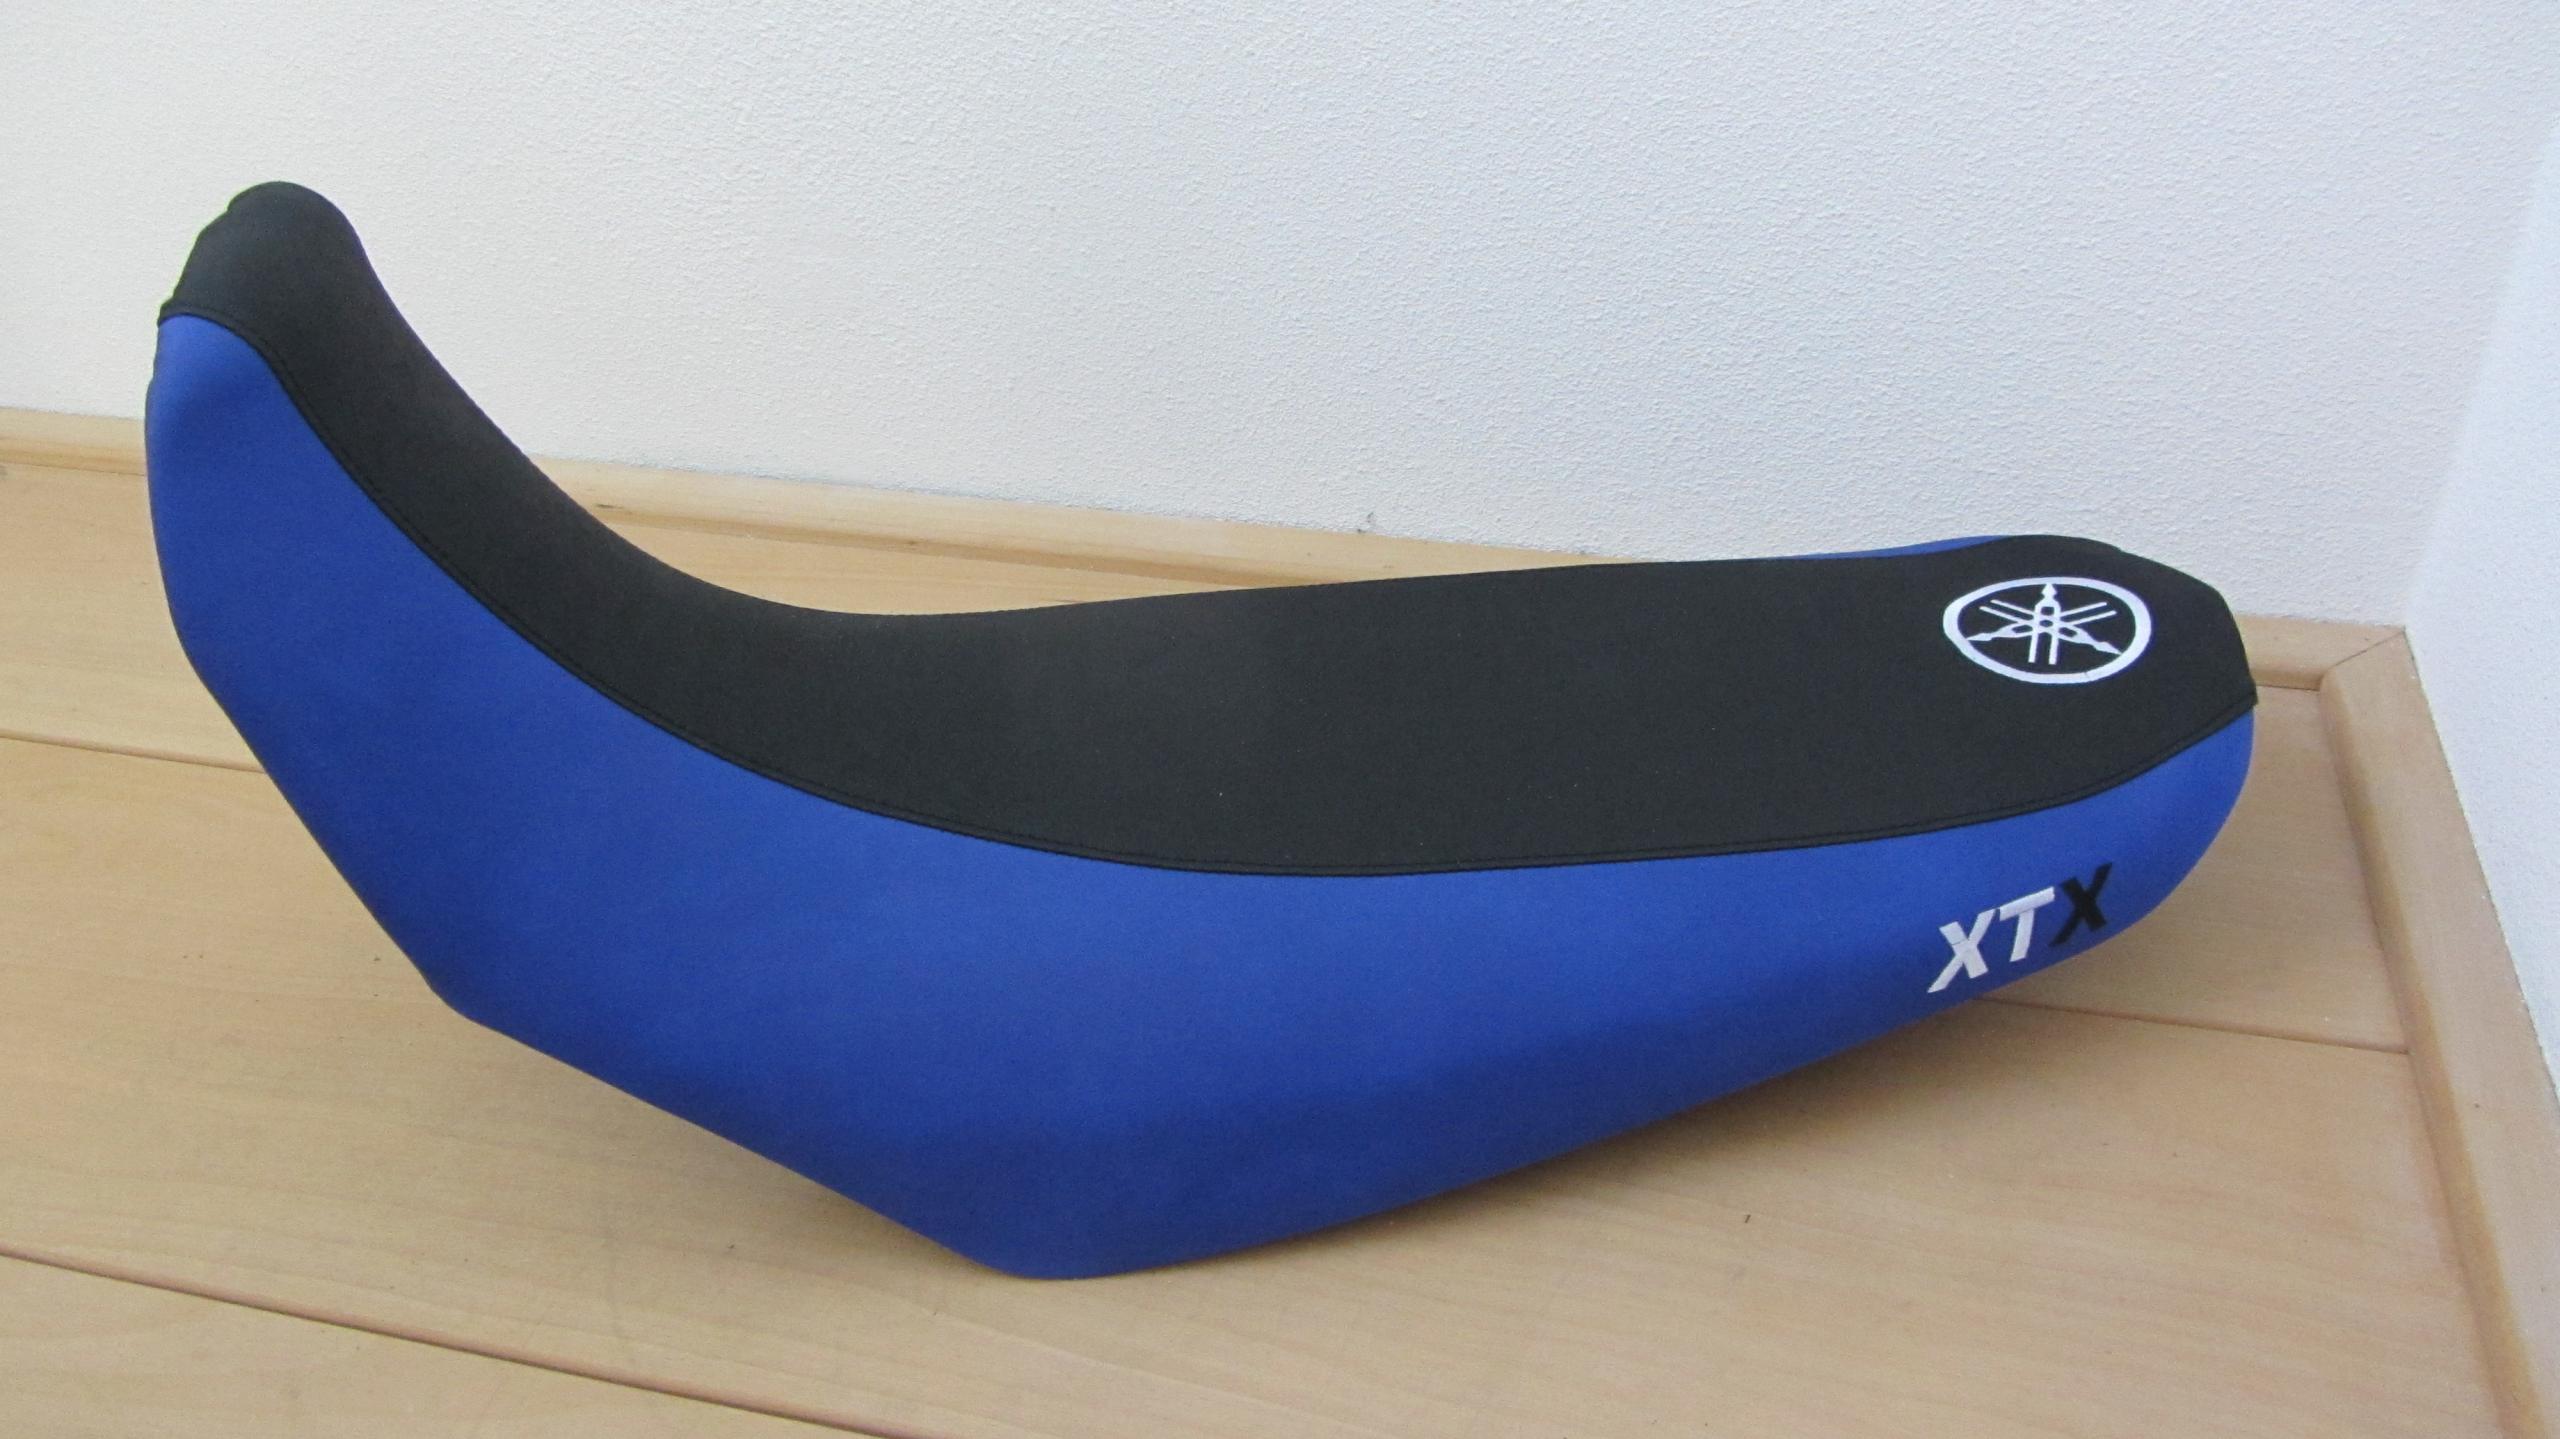 seat Yamaha XTX opnieuw bekleed